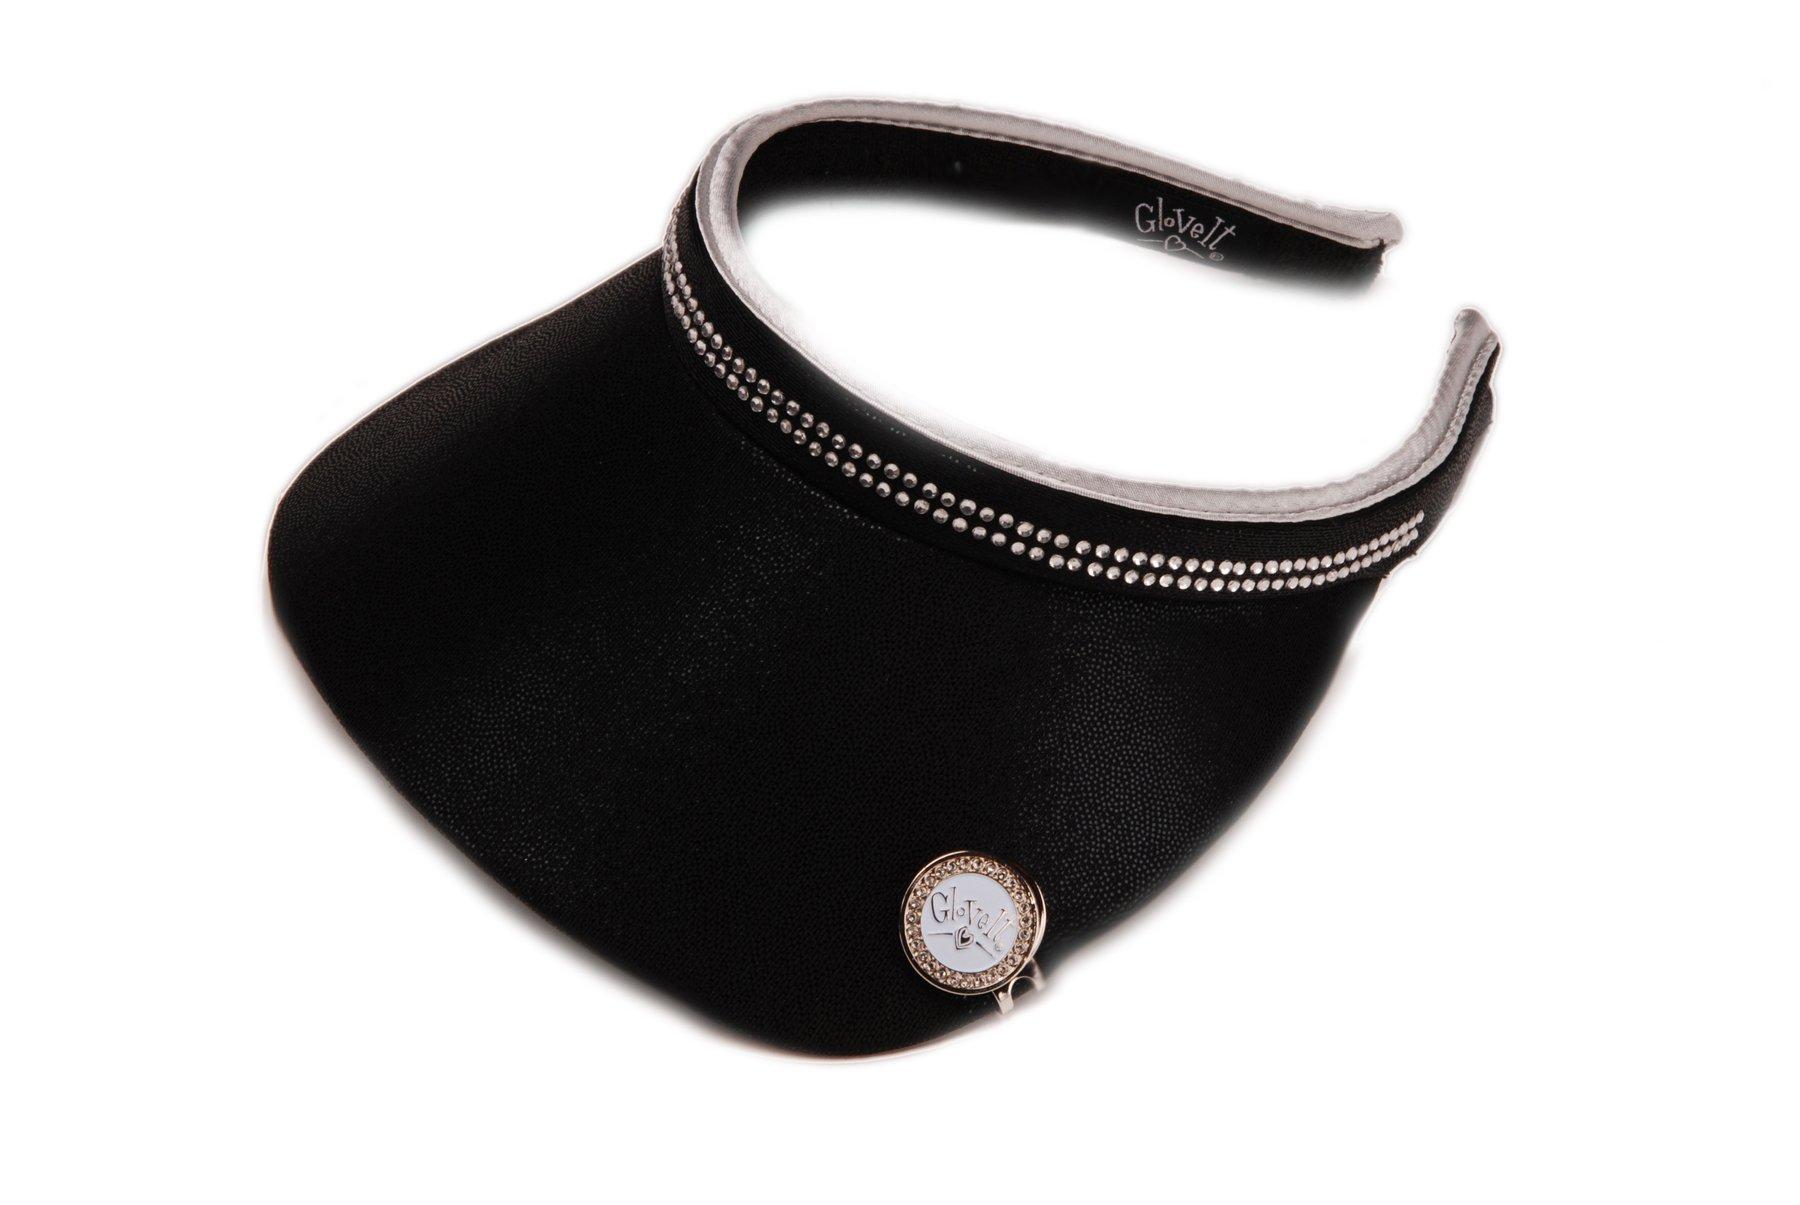 Glove It Women's Bling Visor (Black Bling) by Glove It